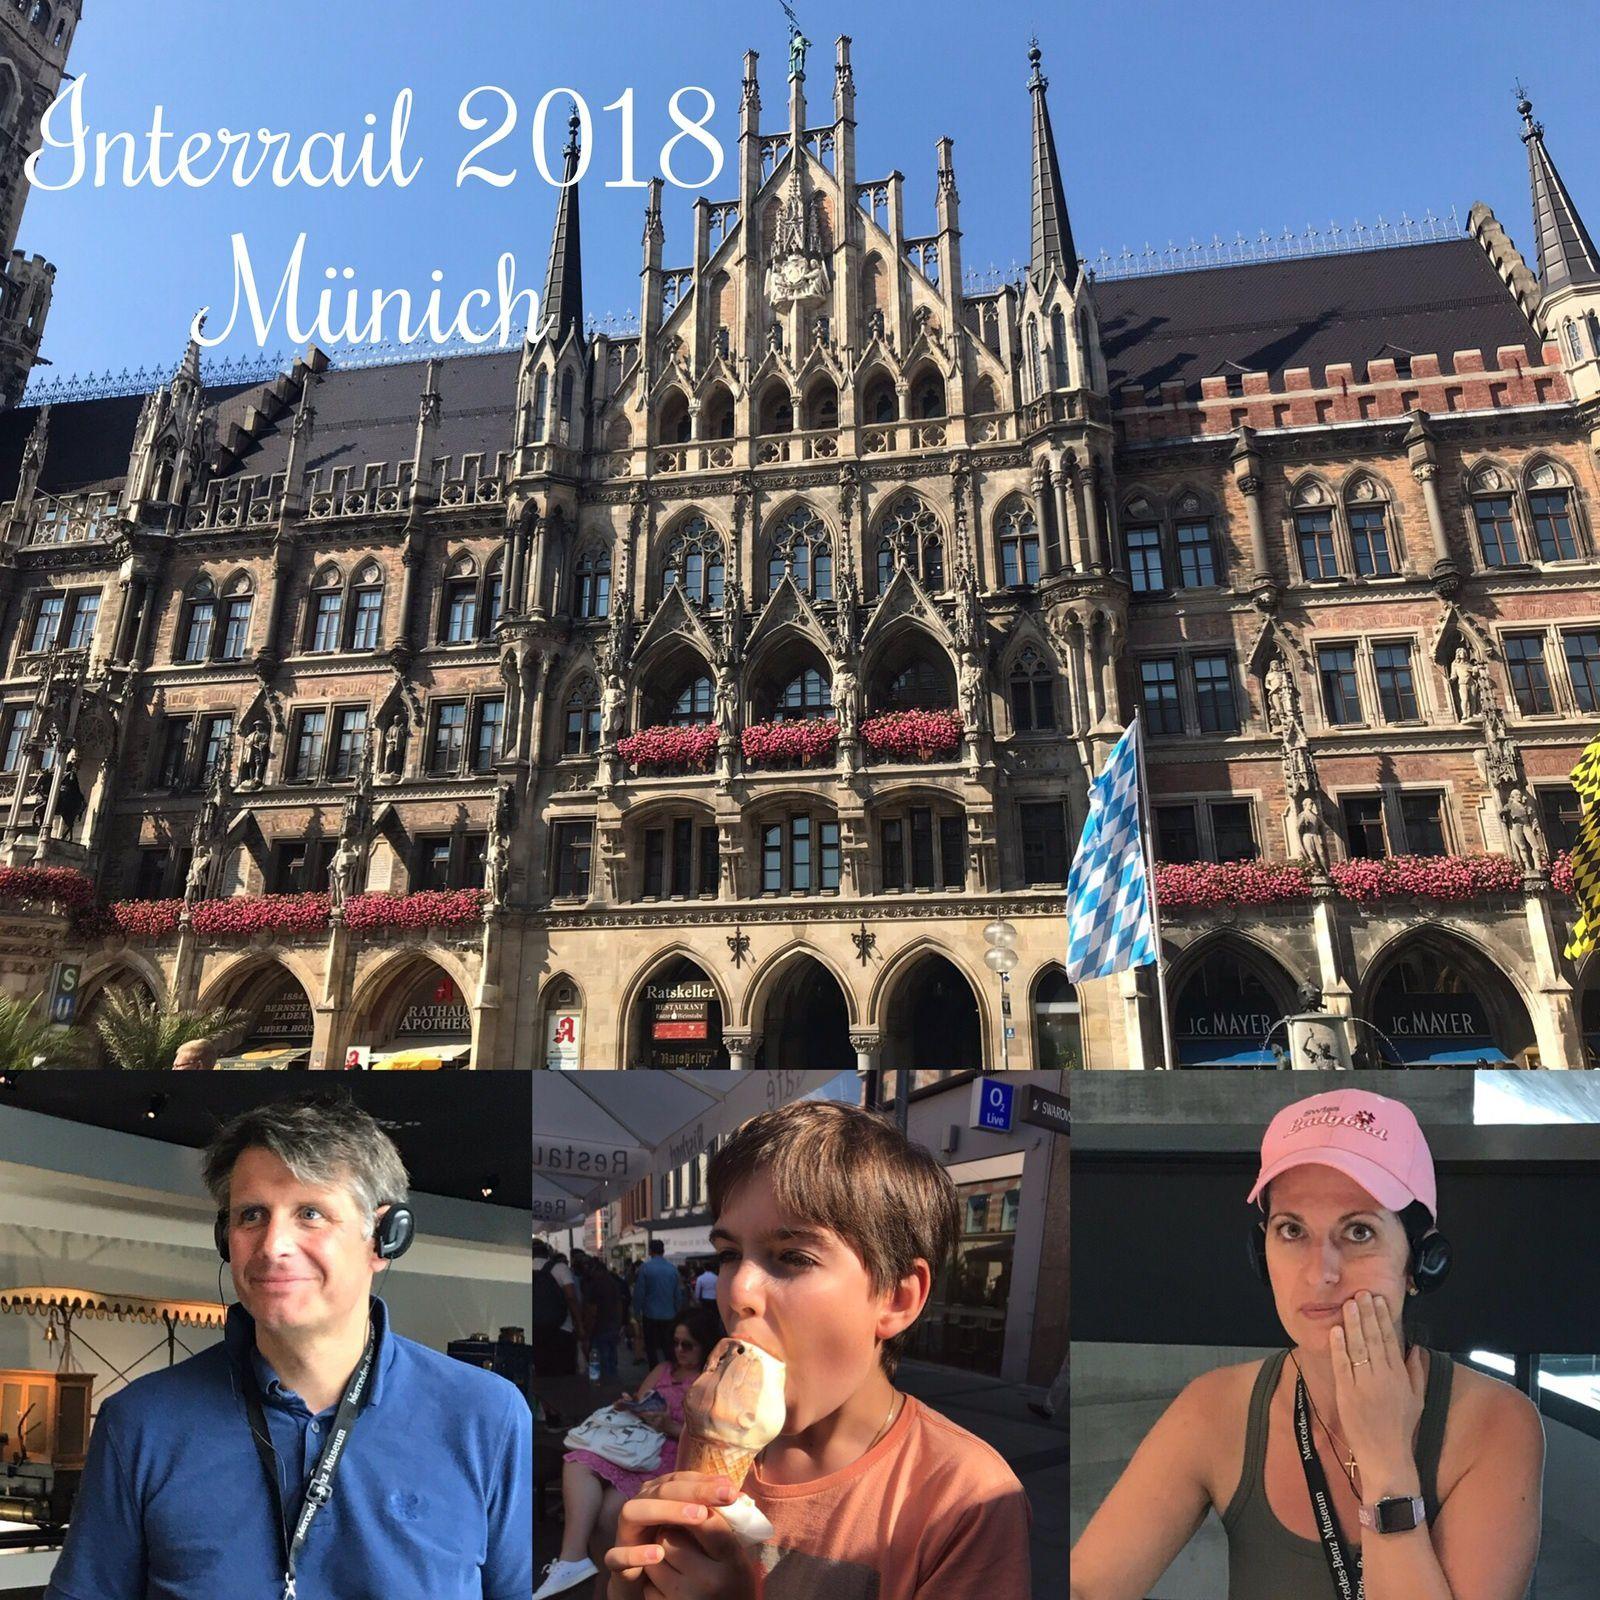 Nos vacances familiales en Interrail